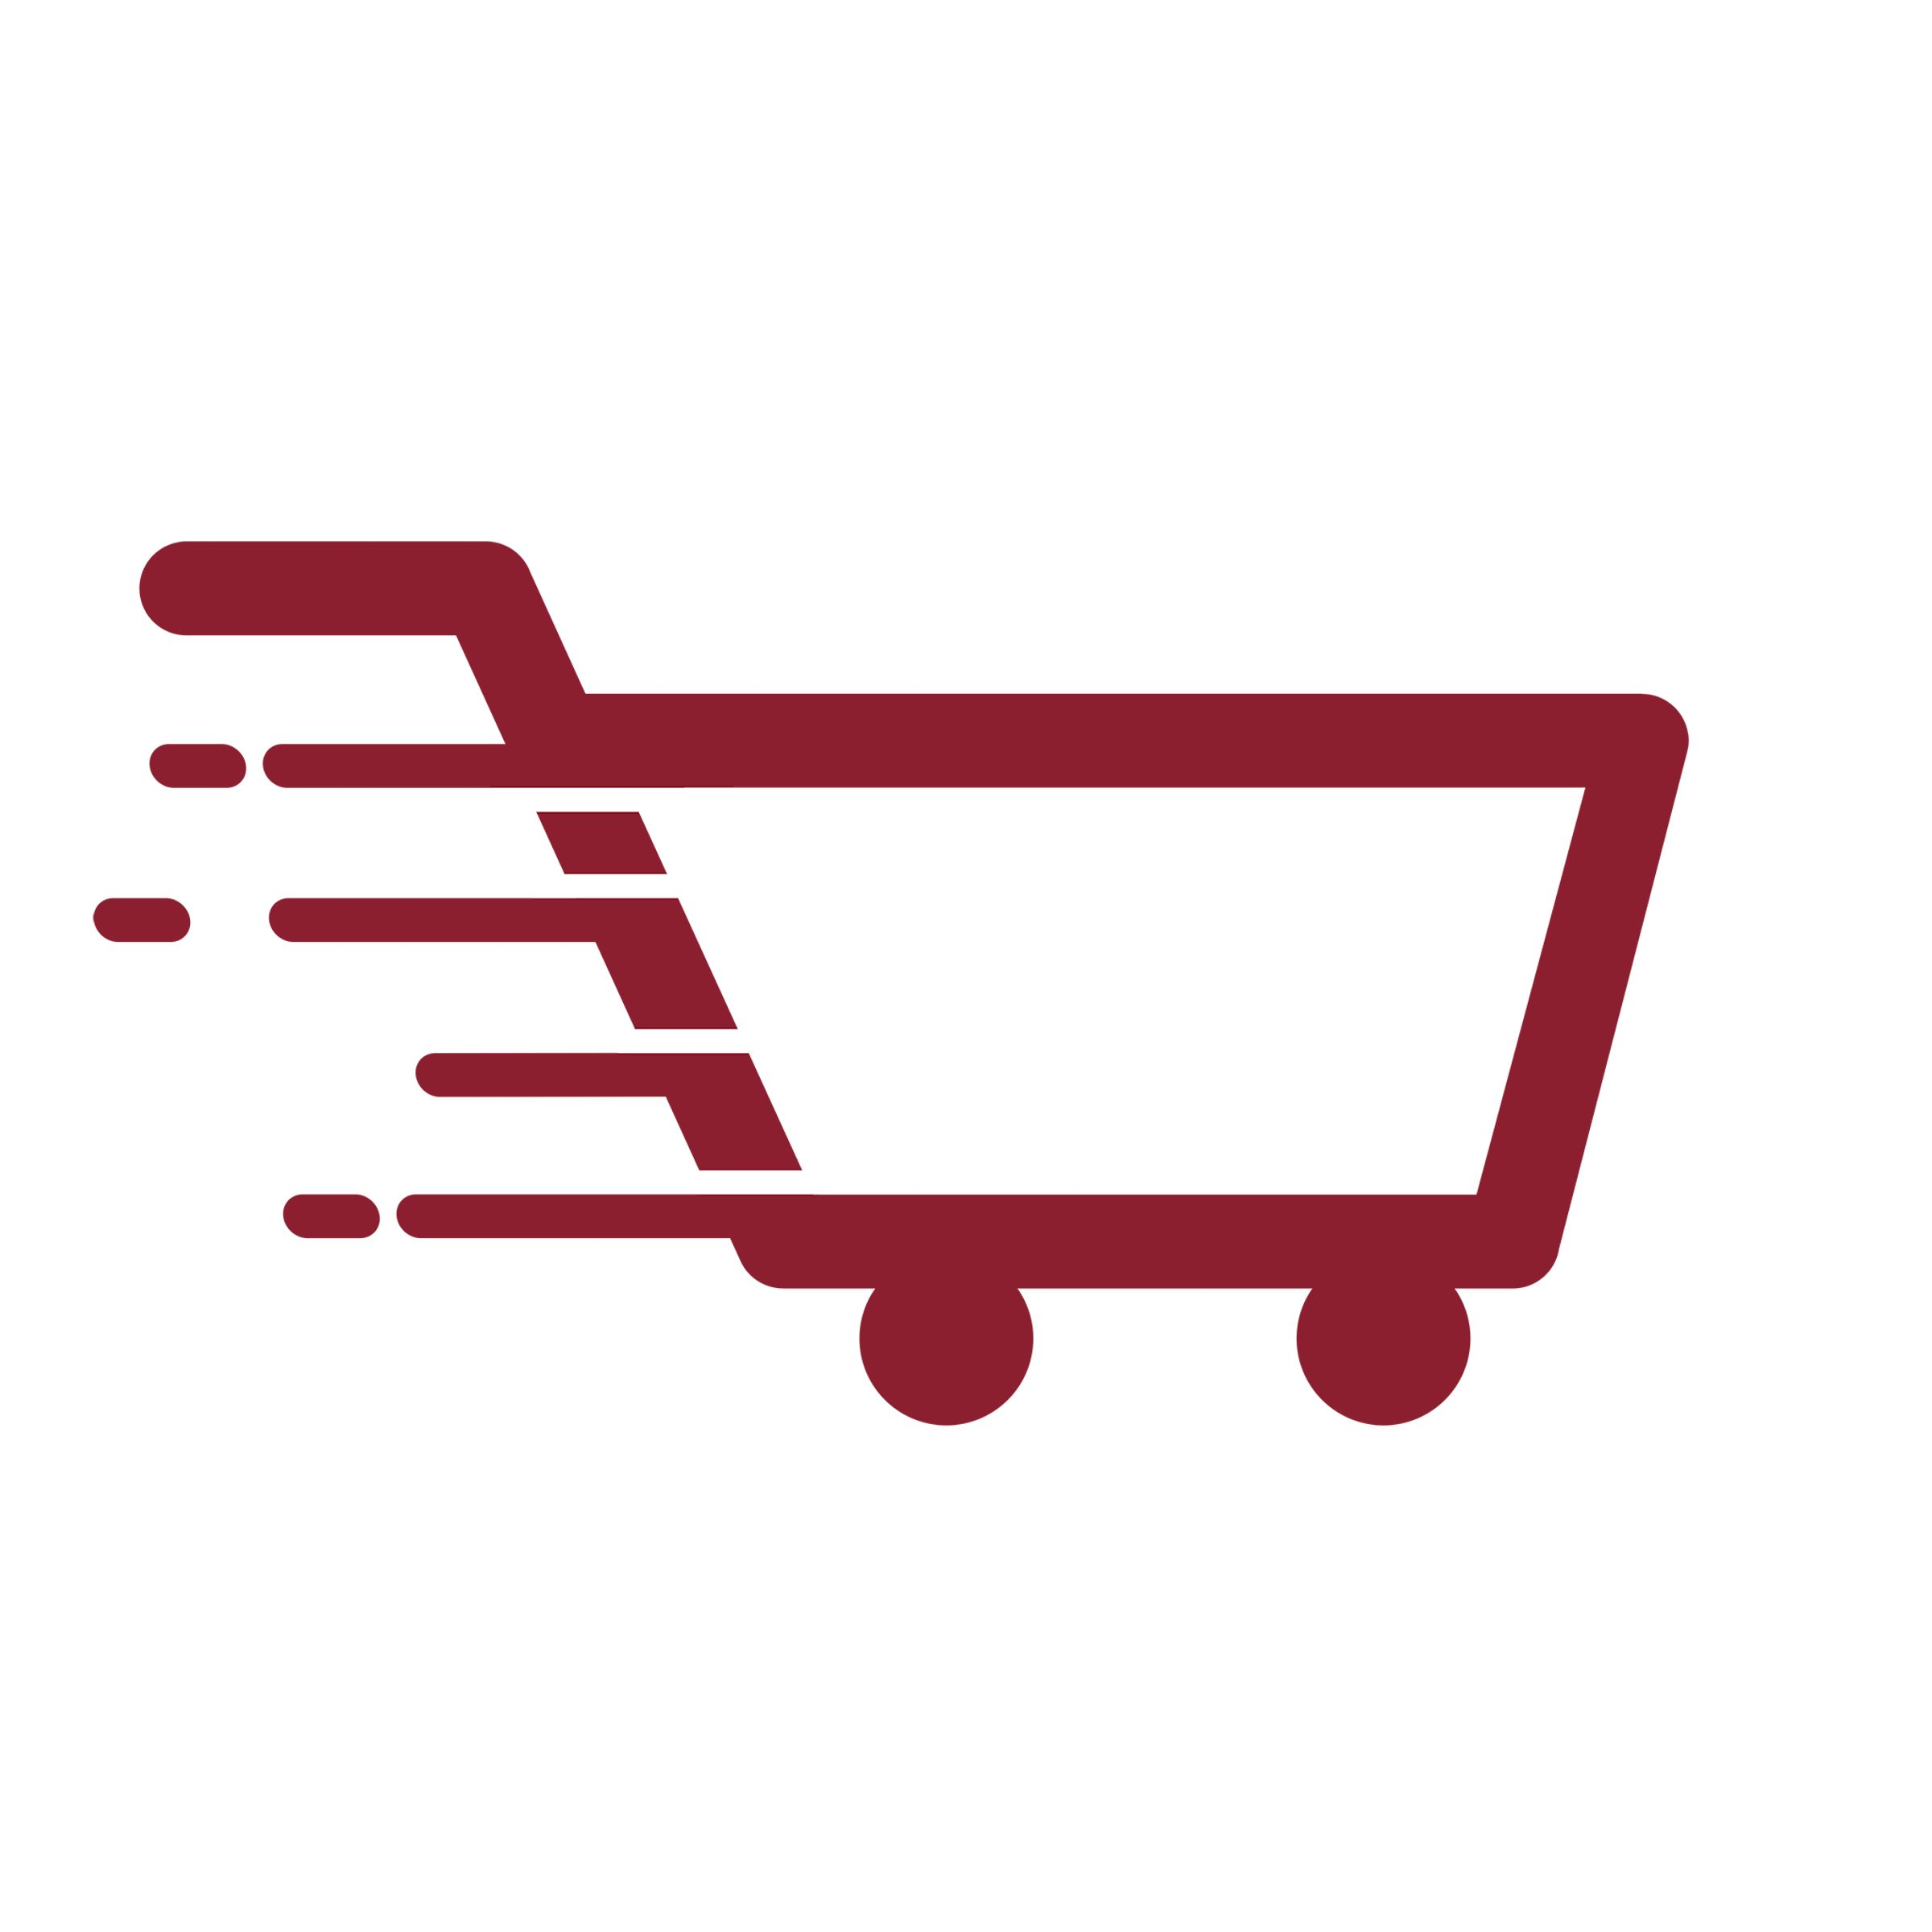 fastshopping_cart_icon